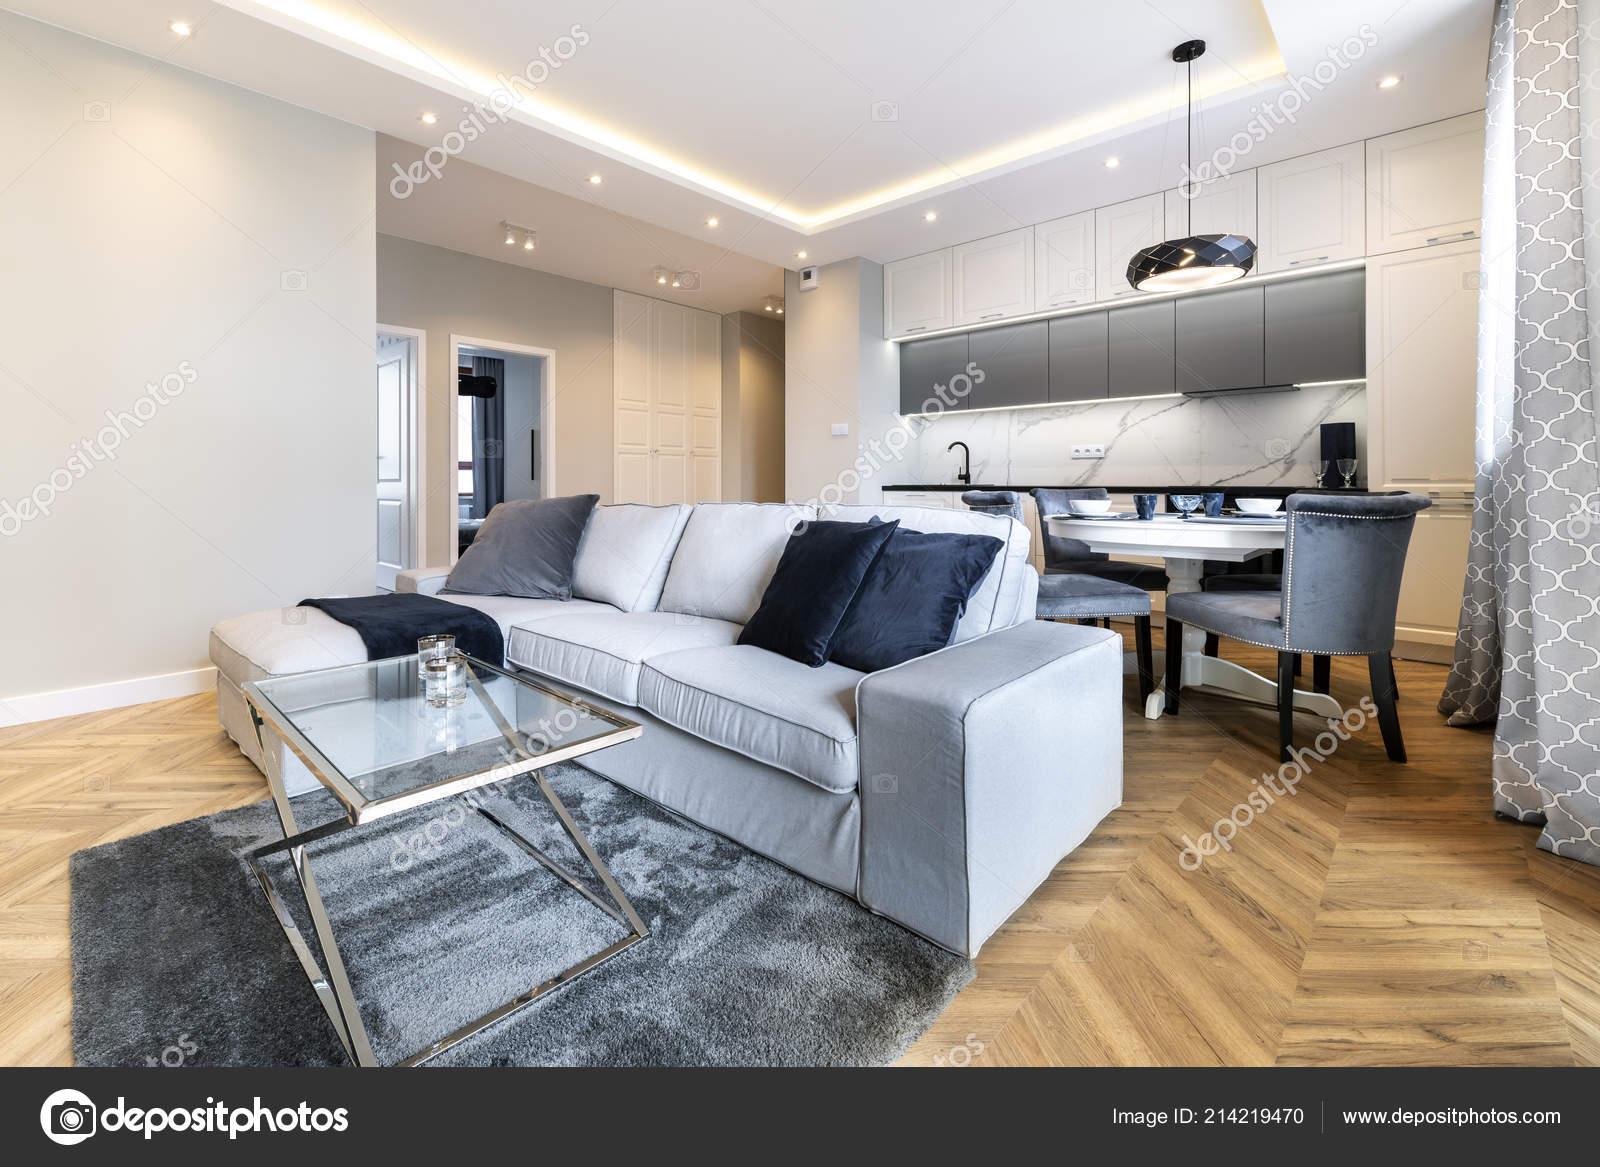 Moderne Wohnzimmer Und Küche Stilvolle Wohnung — Stockfoto ...